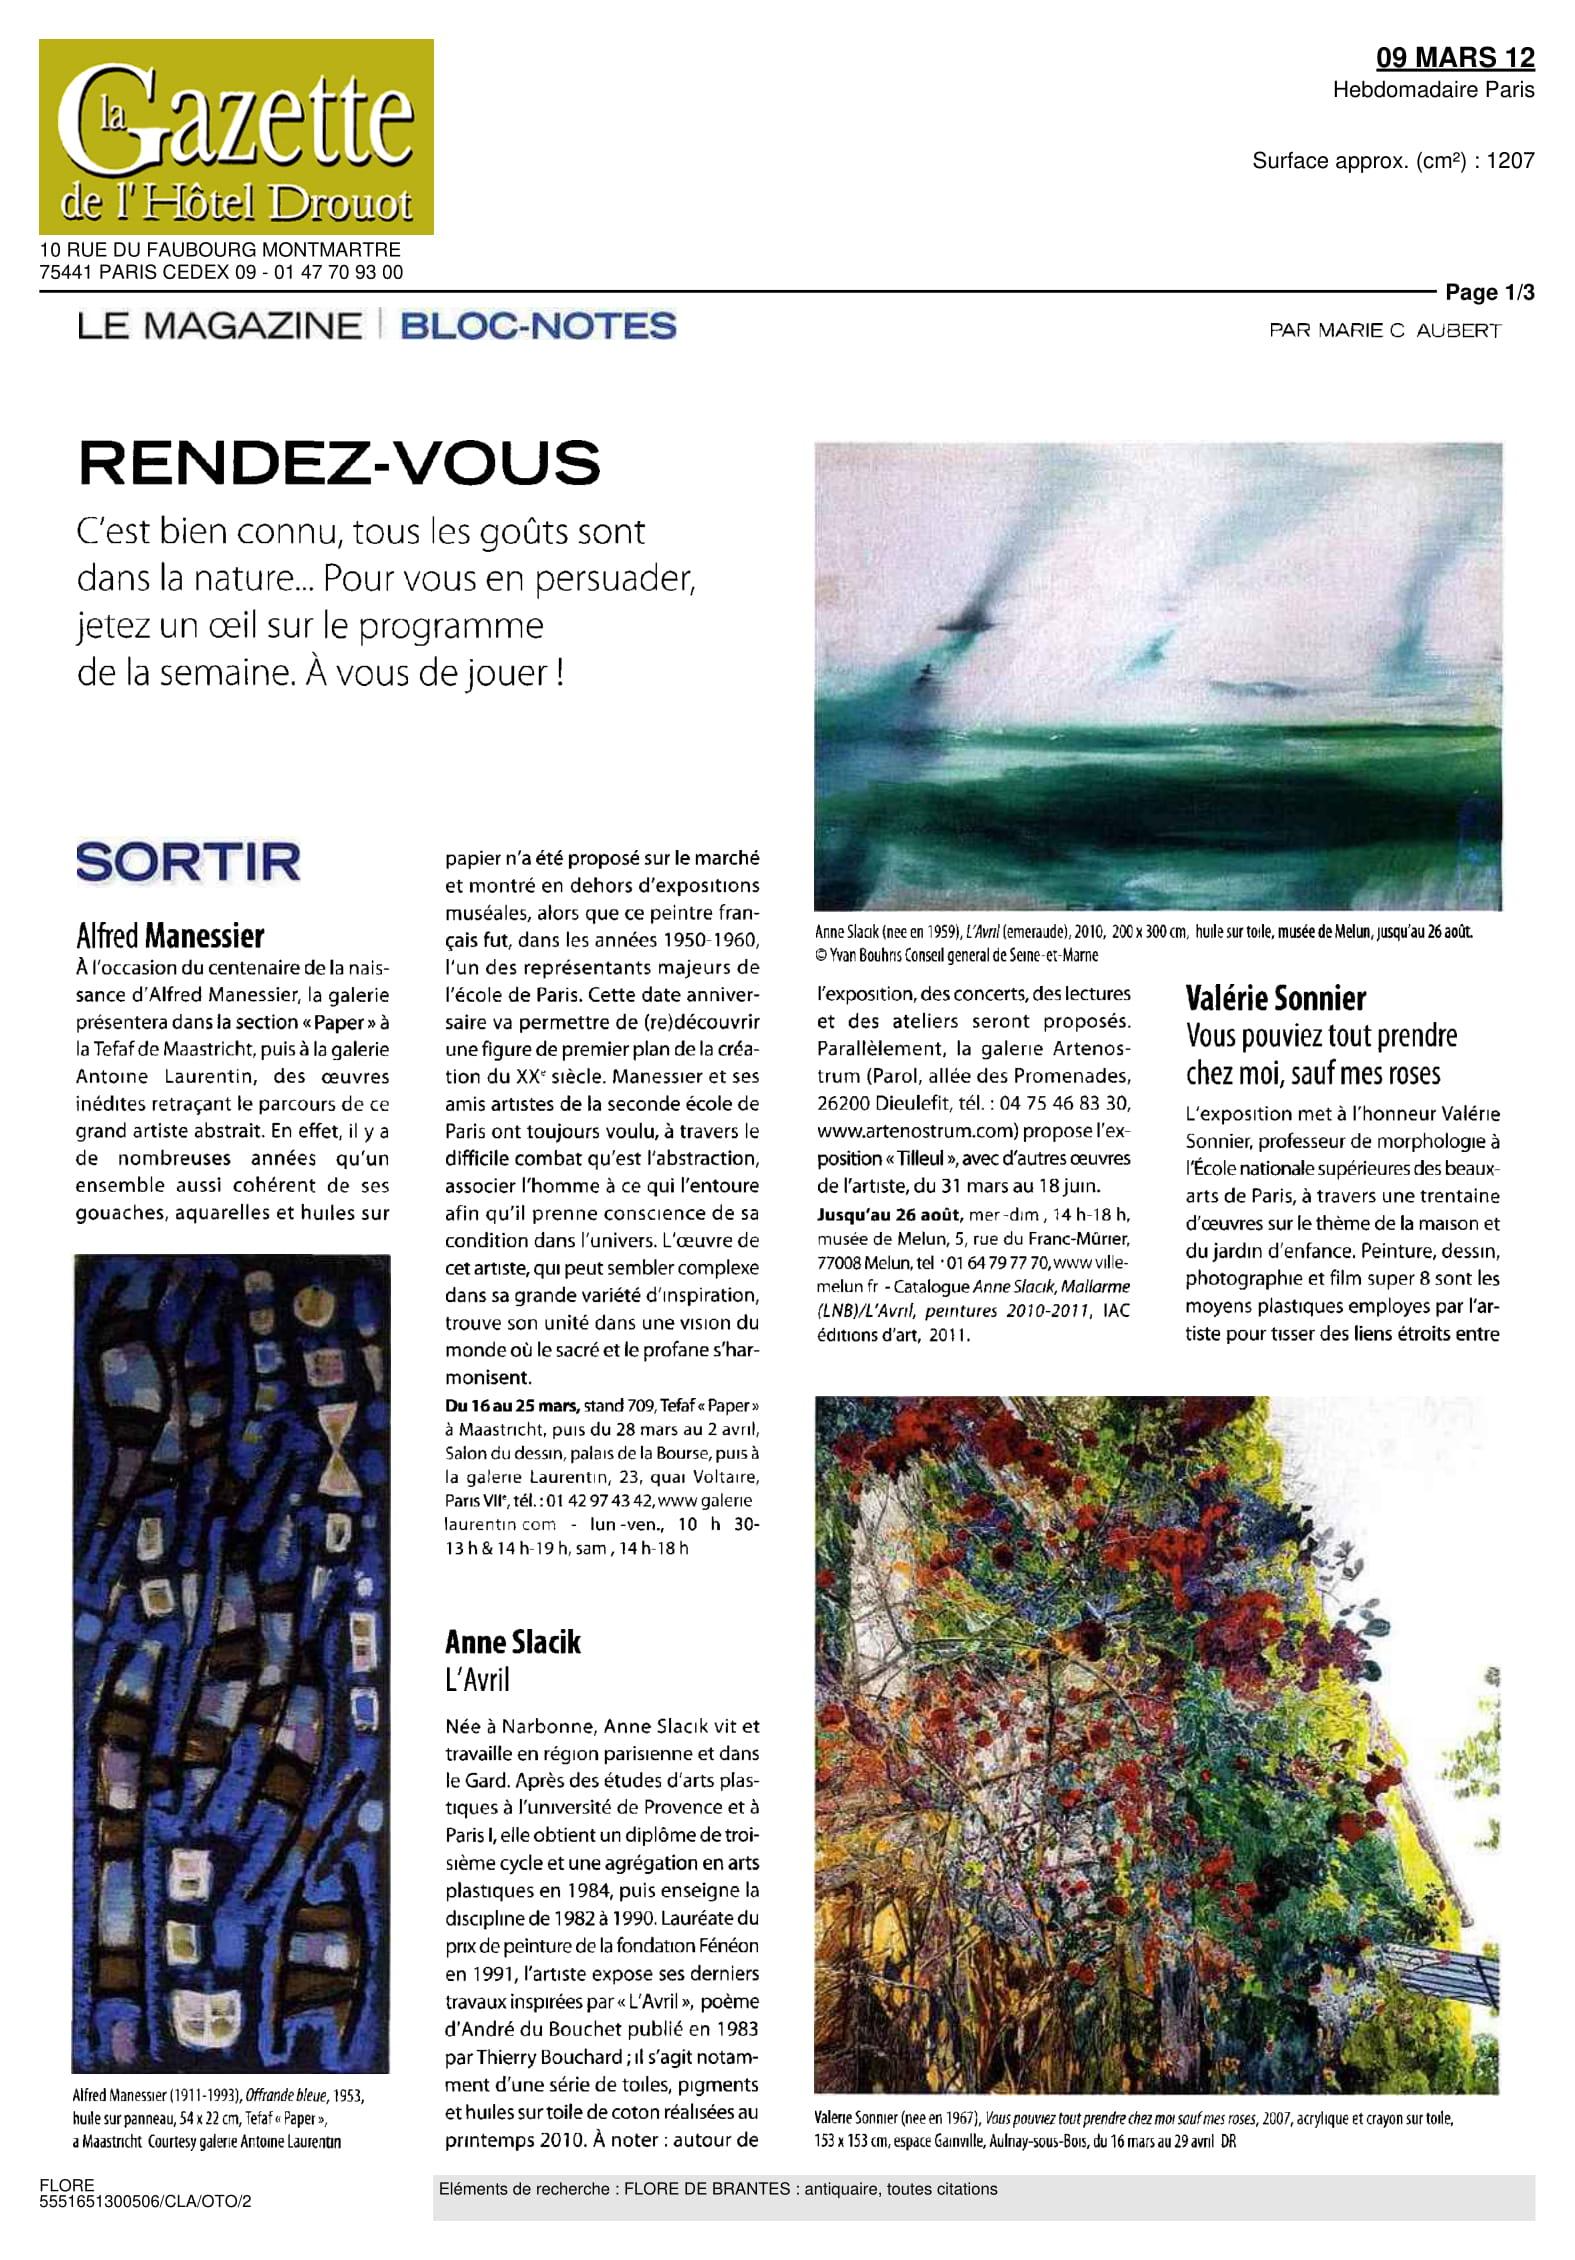 La Gazette de l'Hôtel Drouot — March 2012